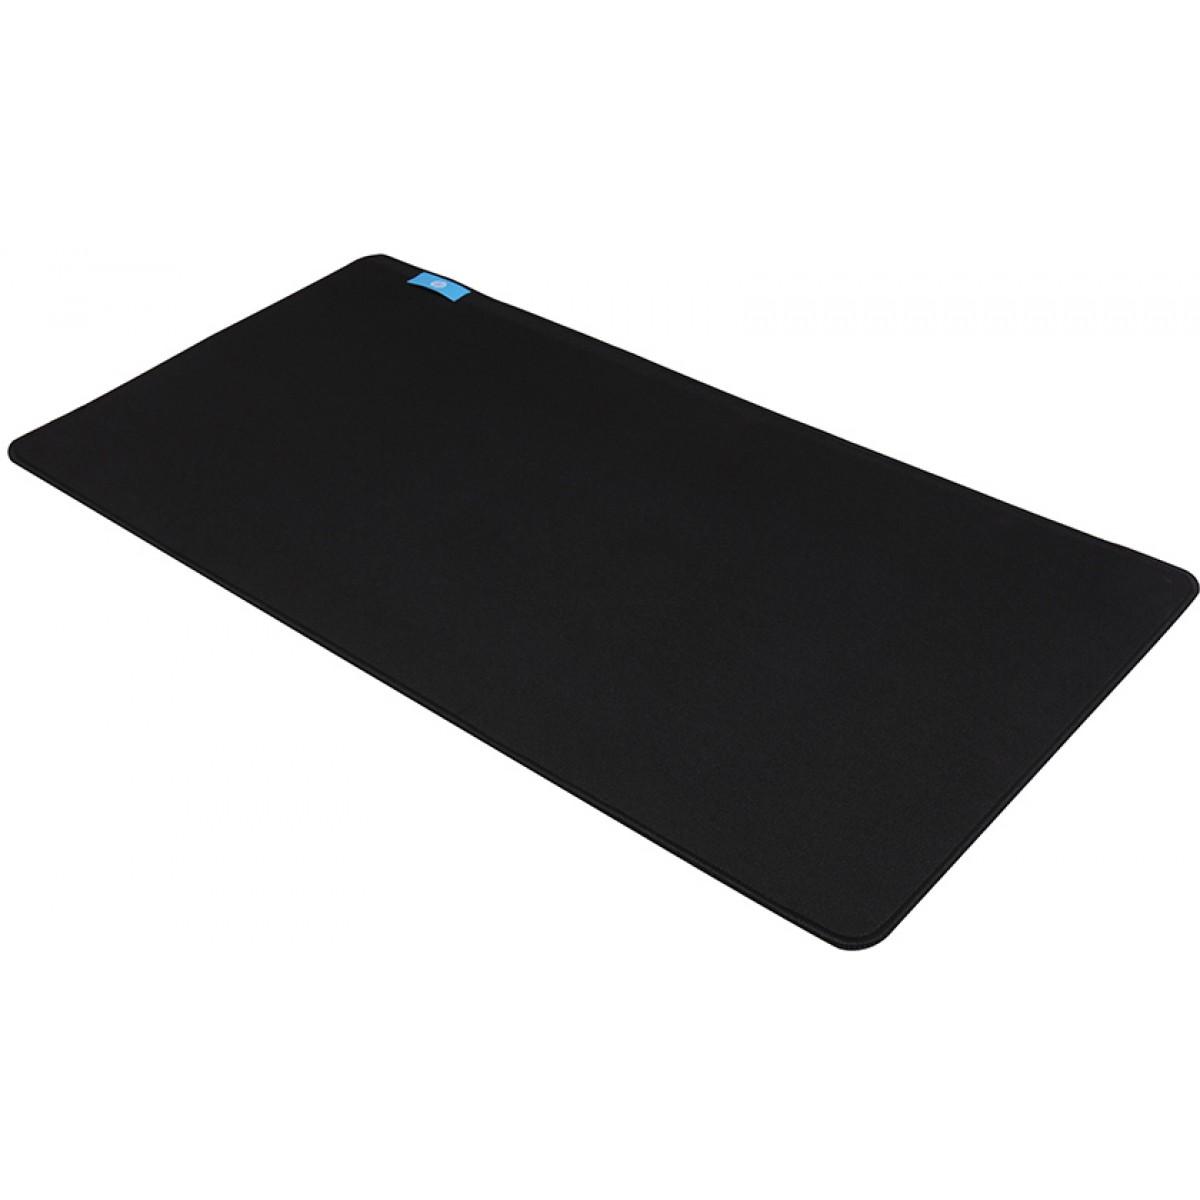 Mouse Pad Gamer HP MP7035, Grande, Borda Costurada, Black